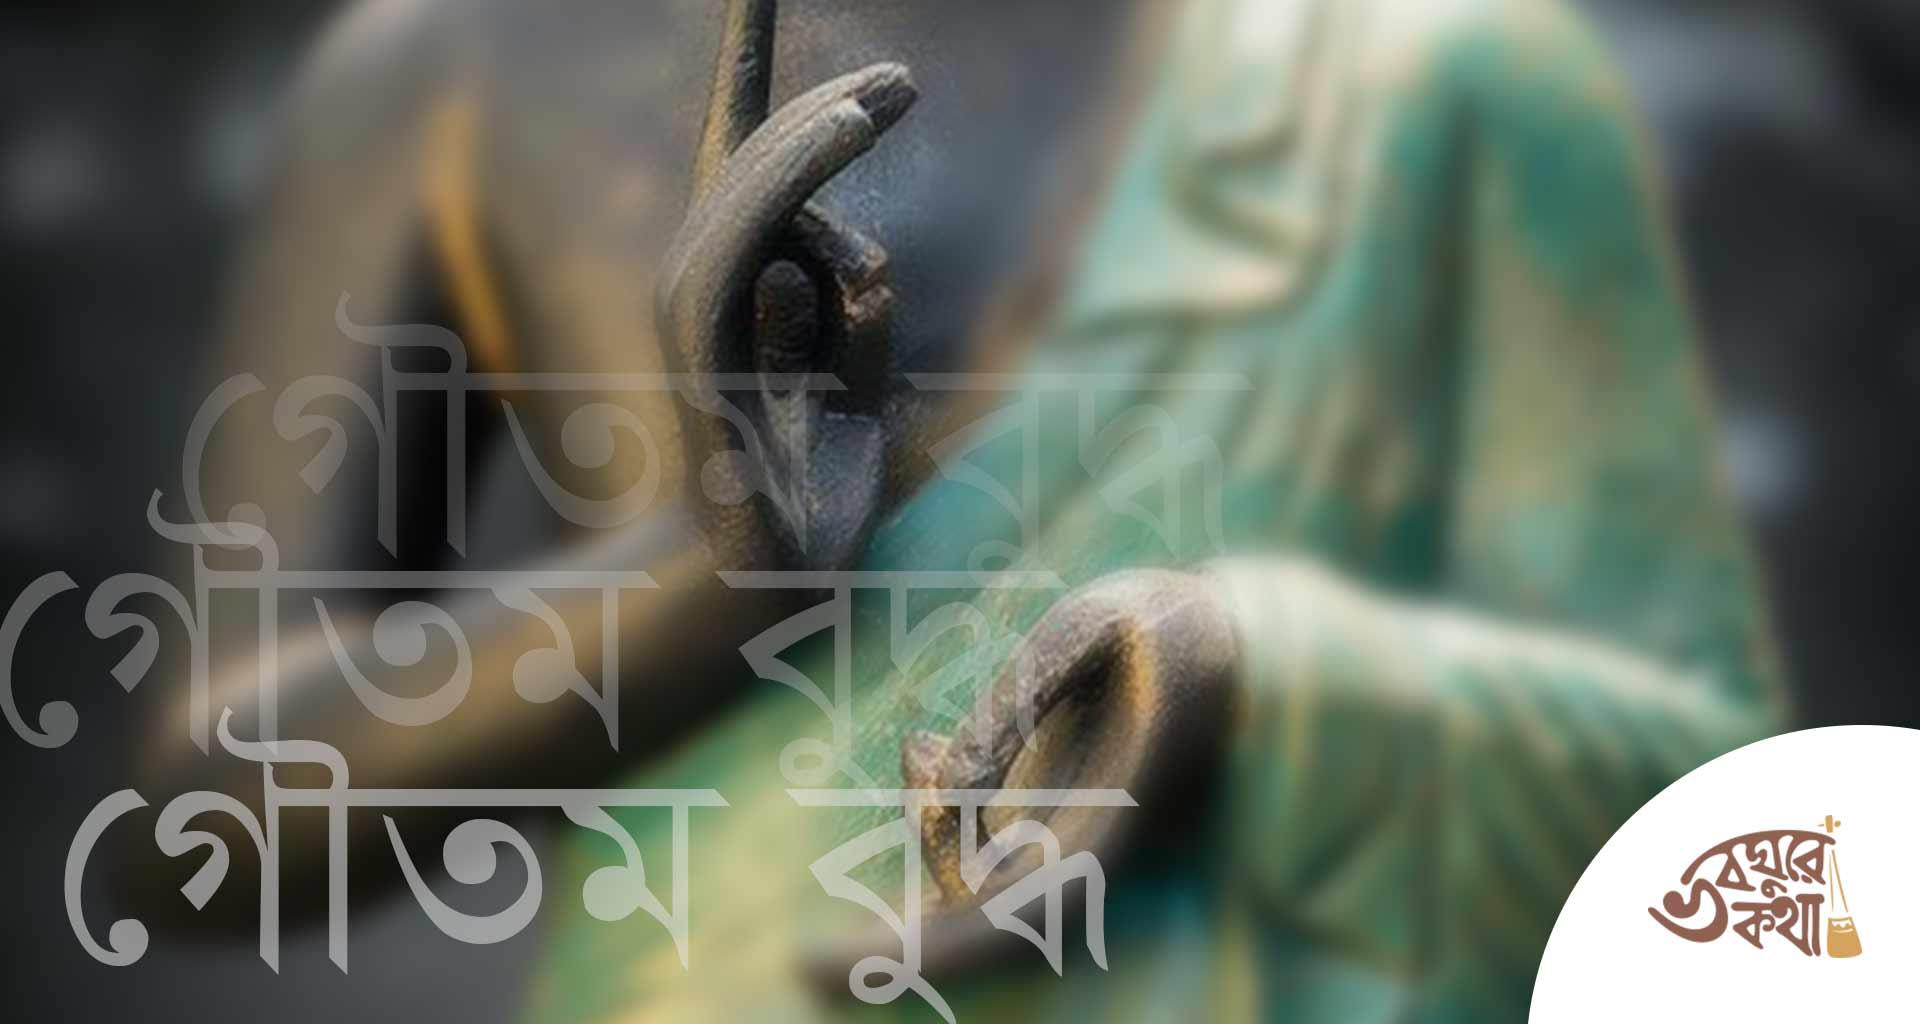 তথাগত গৌতম বুদ্ধ বৌদ্ধ ভগবান